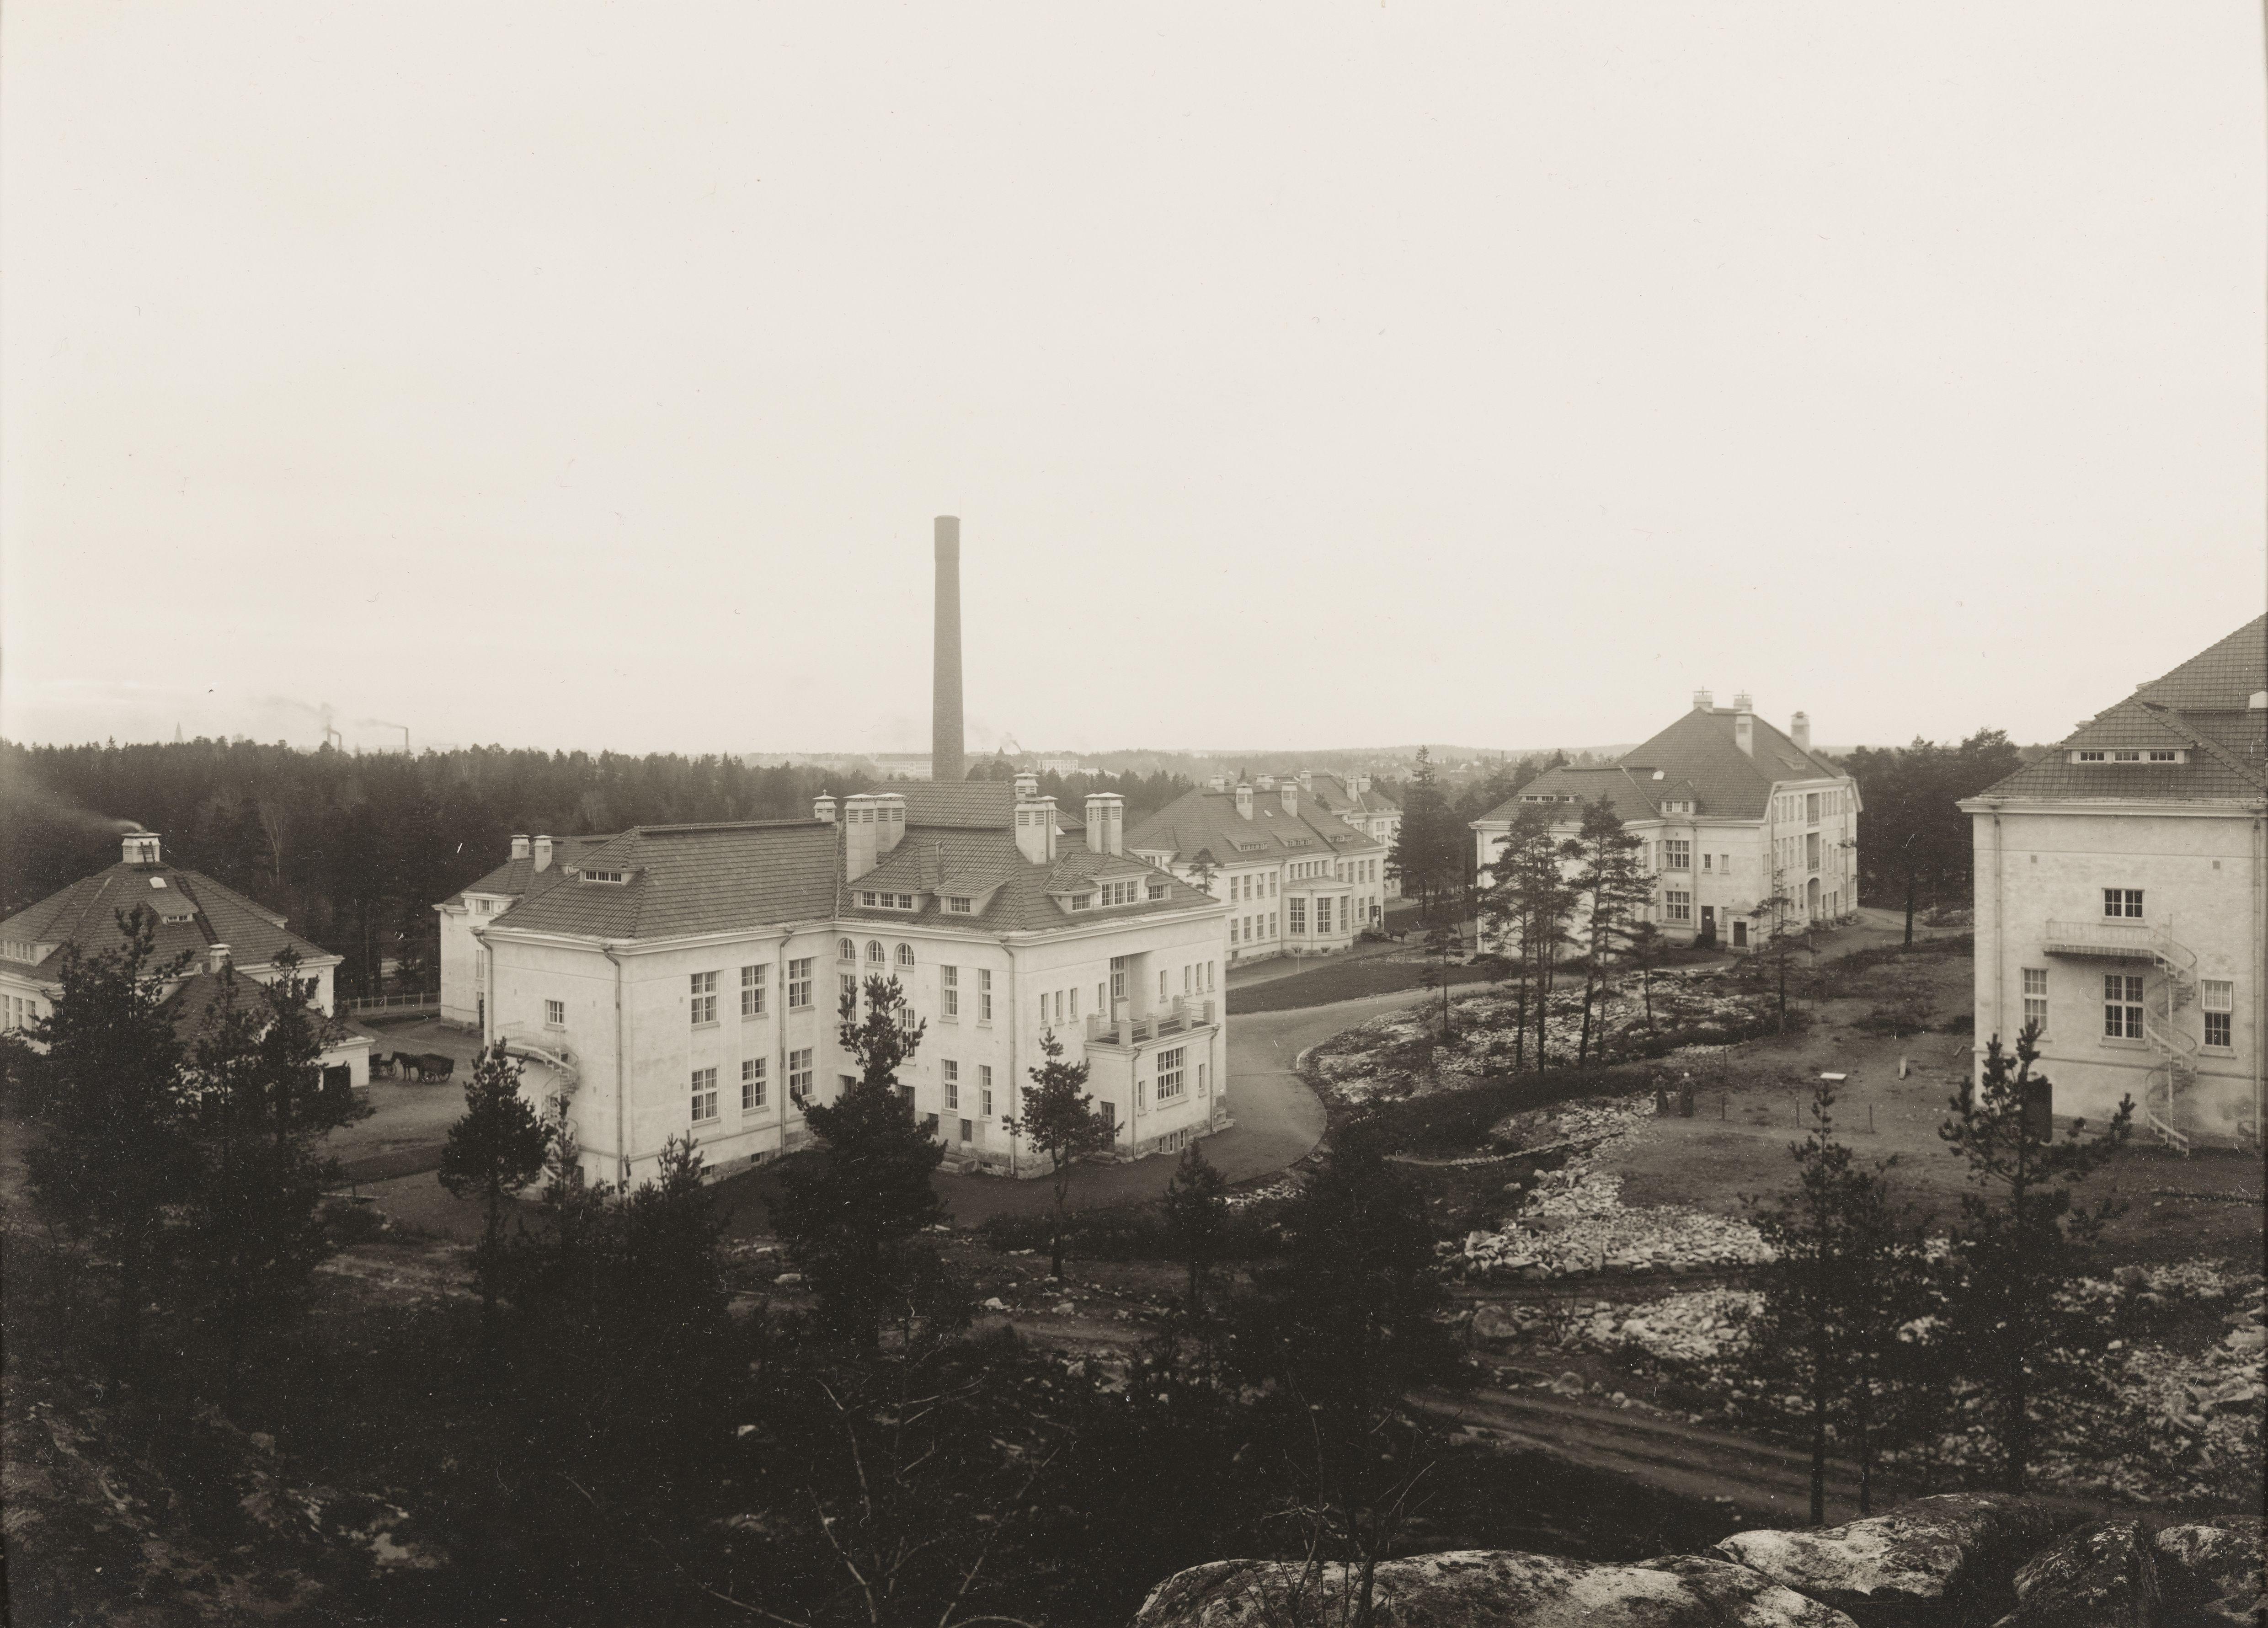 Auroran sairaala-alue, jolla Onni Talas piileskeli jonkin aikaa punaisten valtakaudella. Monet tunnetut valkoisen Suomen kannattajat hakeutuivat suojaan sairaaloihin kapinan alettua. (Museovirasto)